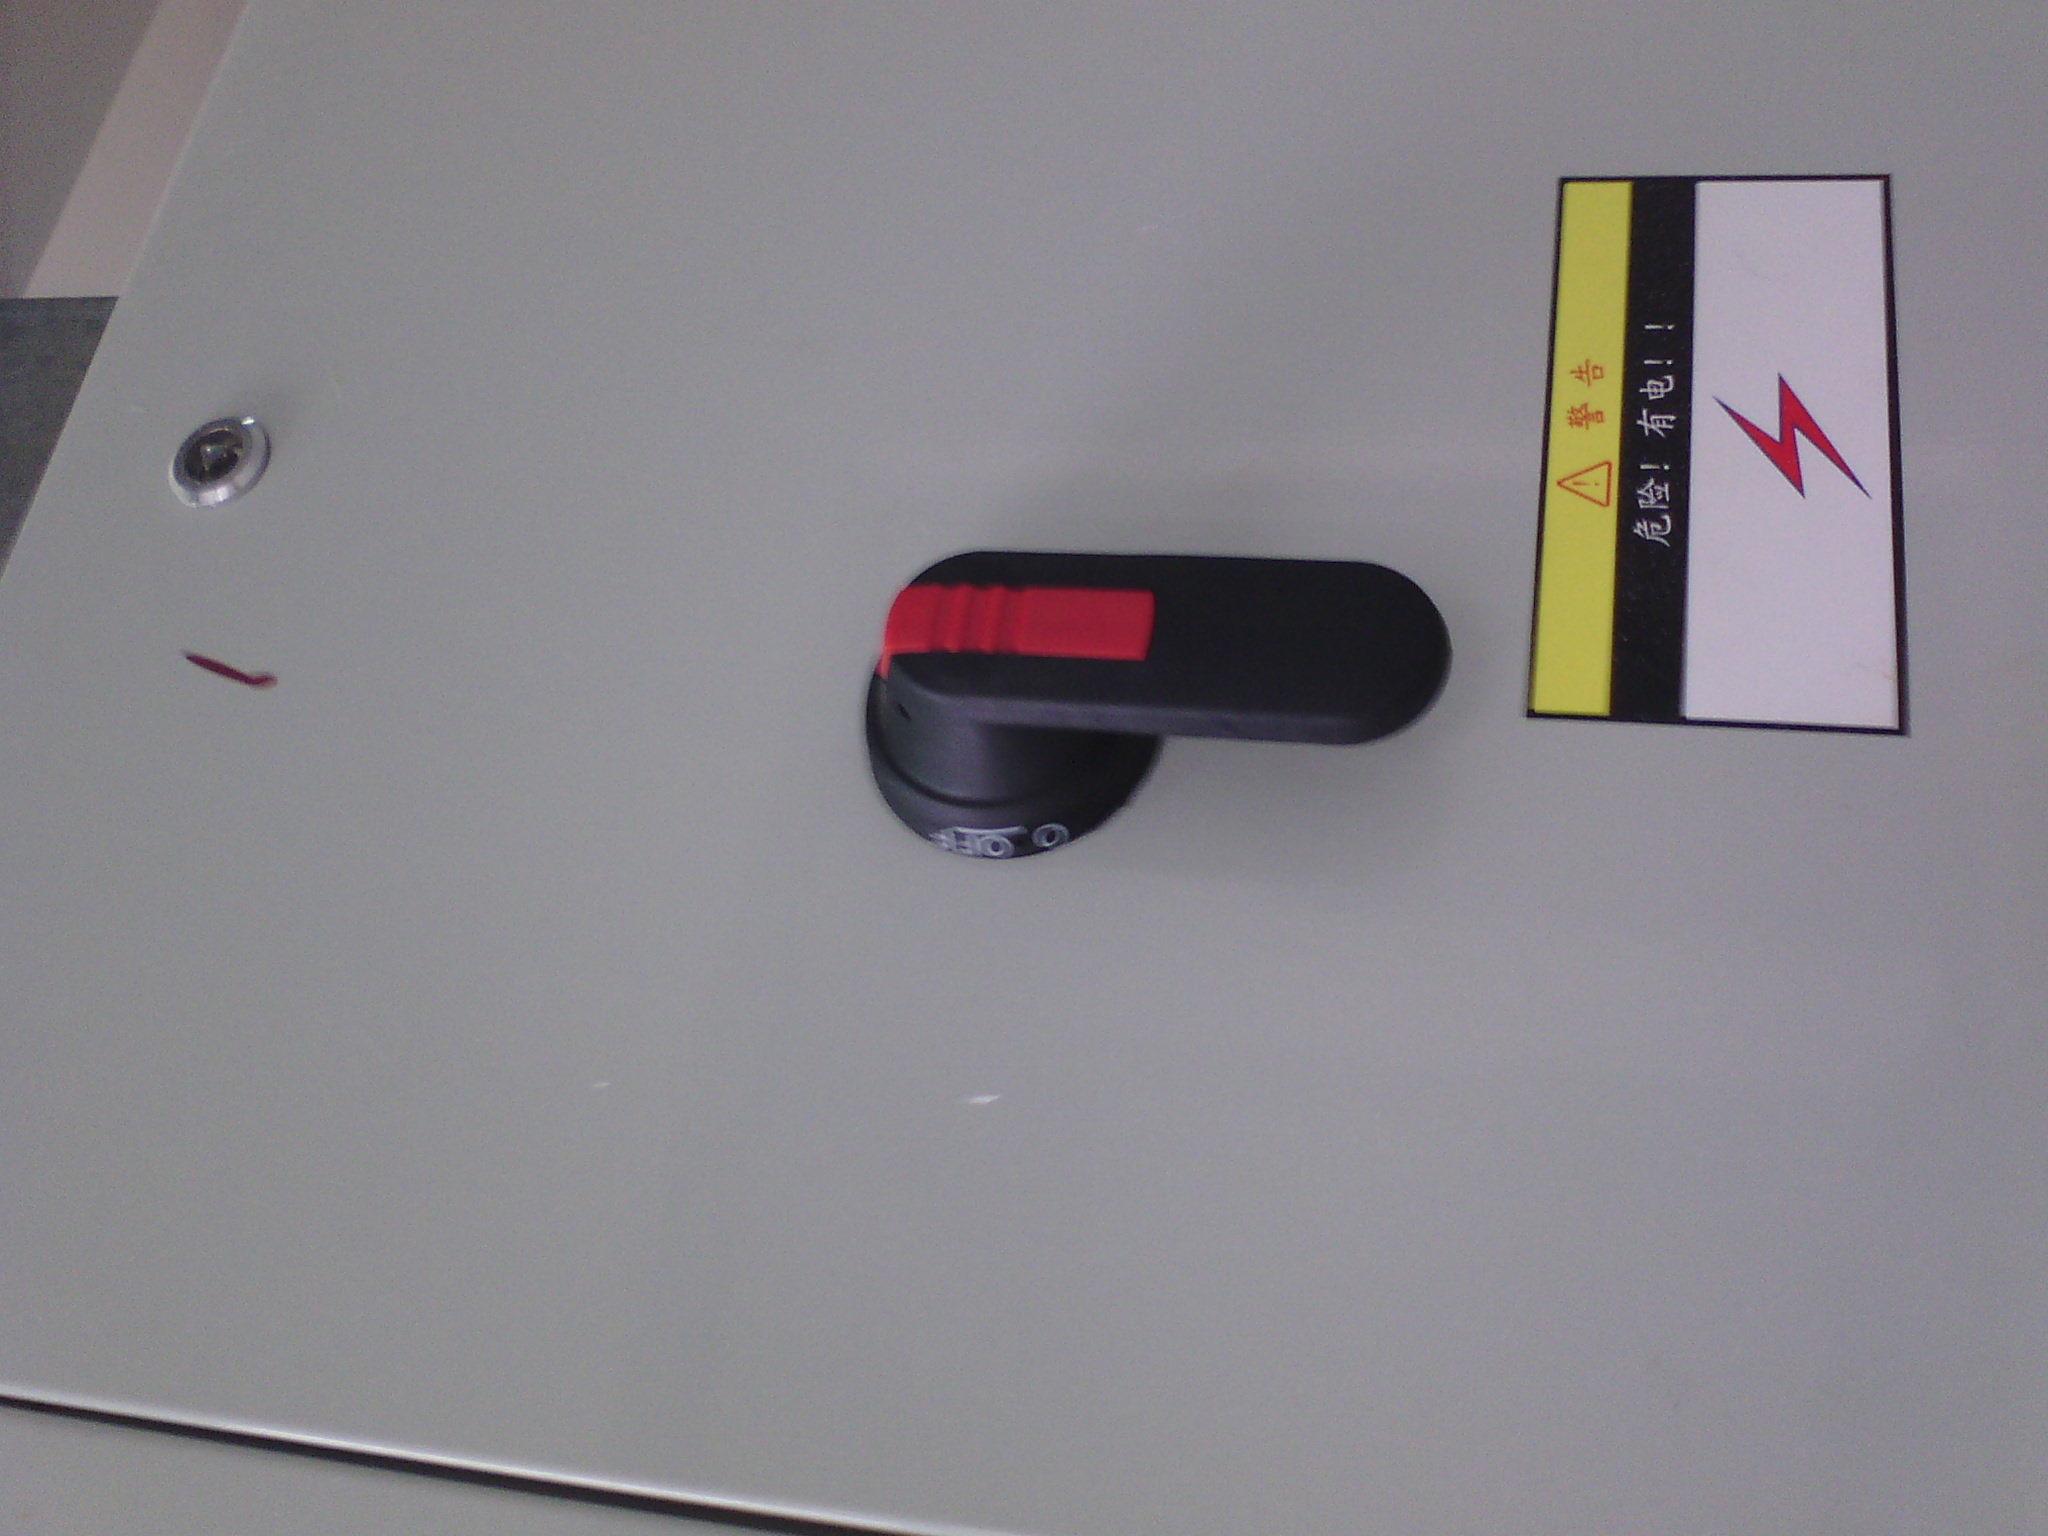 下面这个是什么开关联动装置有操作示意图吗高清图片